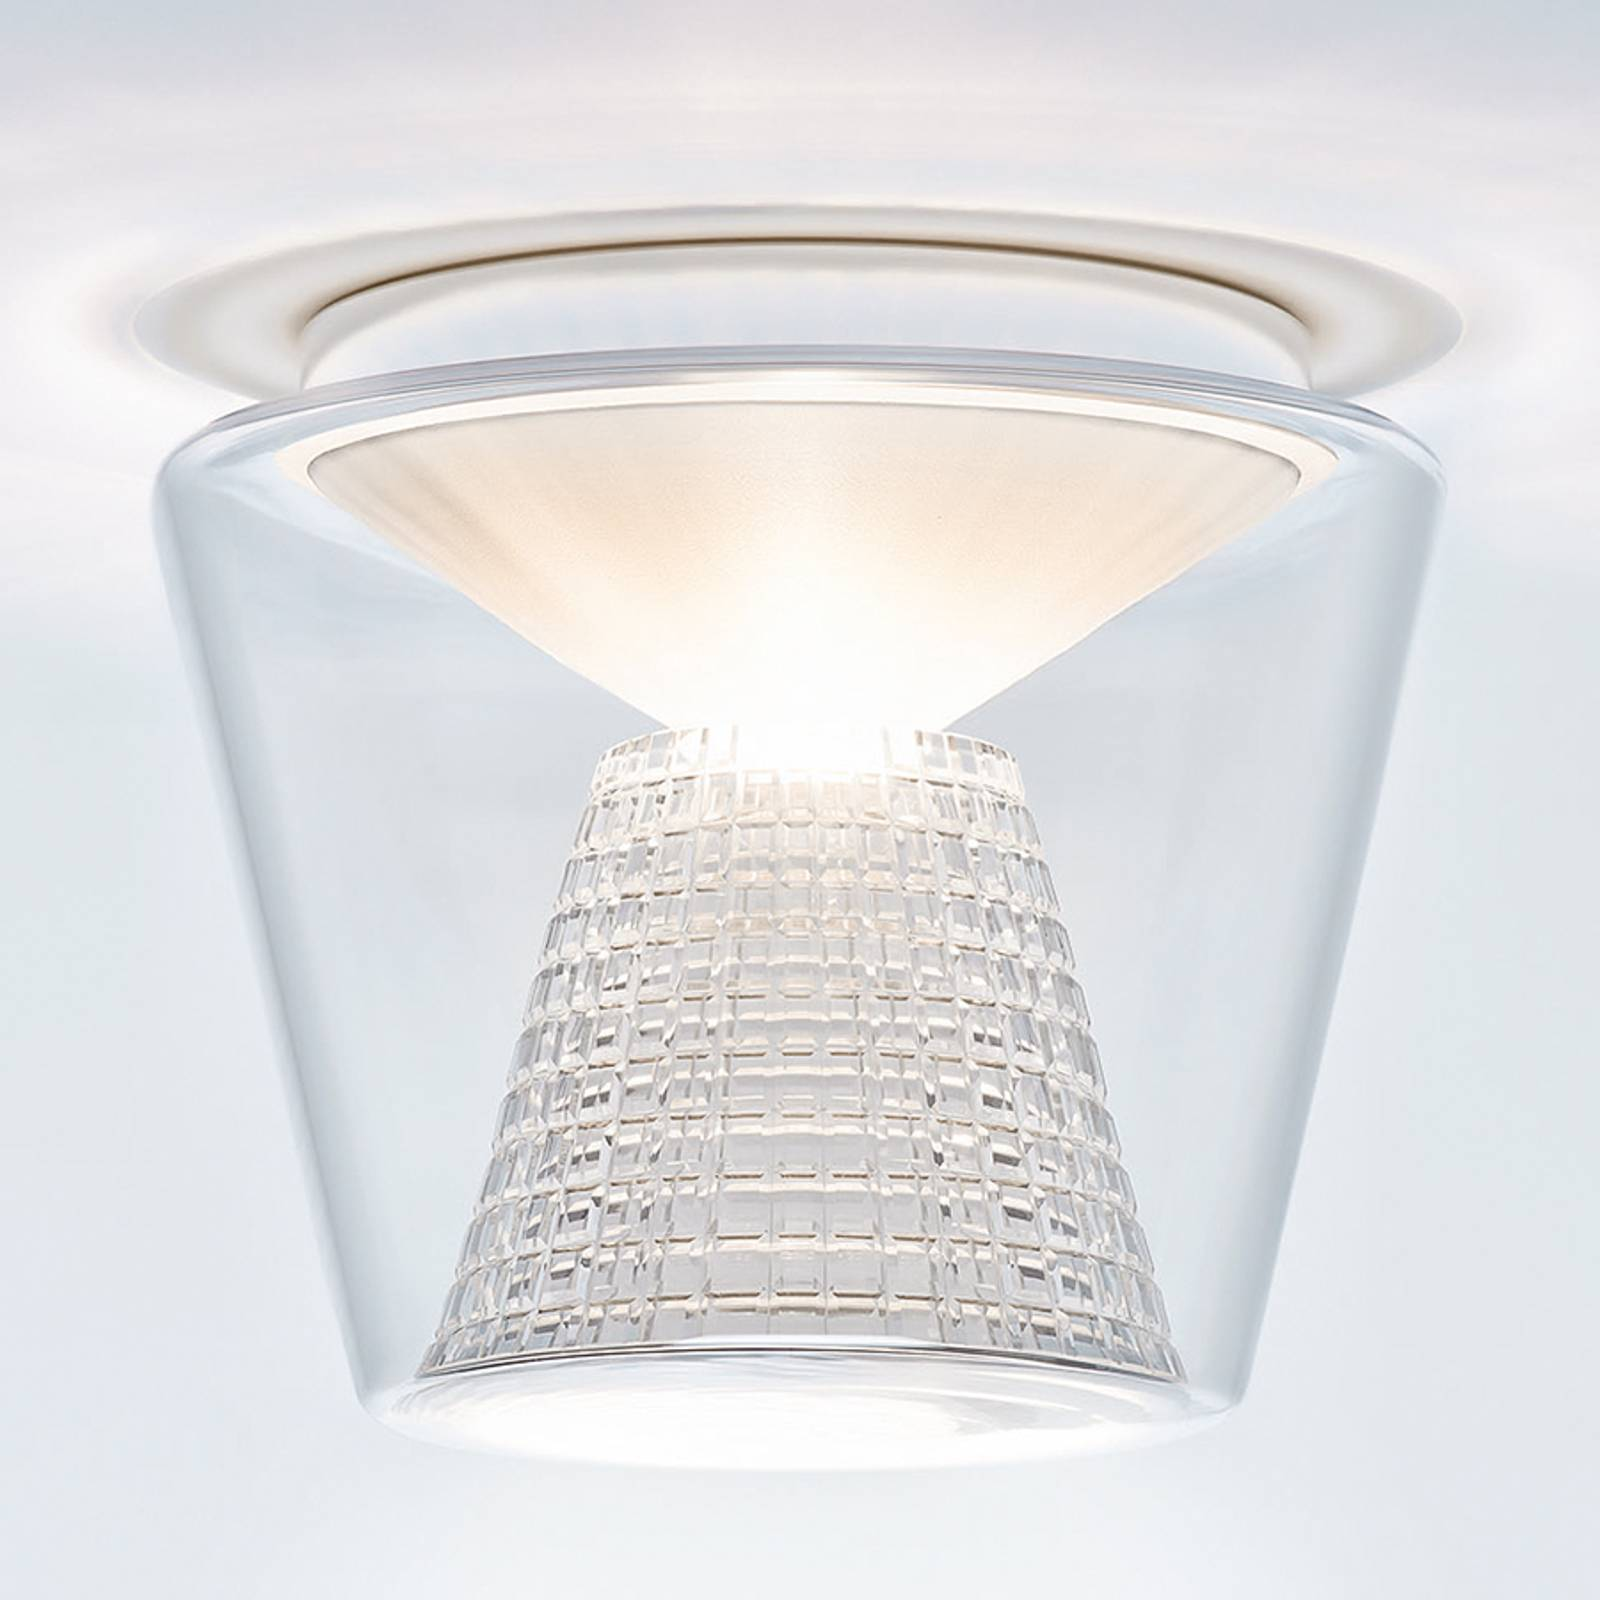 Annex - lampa sufitowa LED - kryształowy reflektor